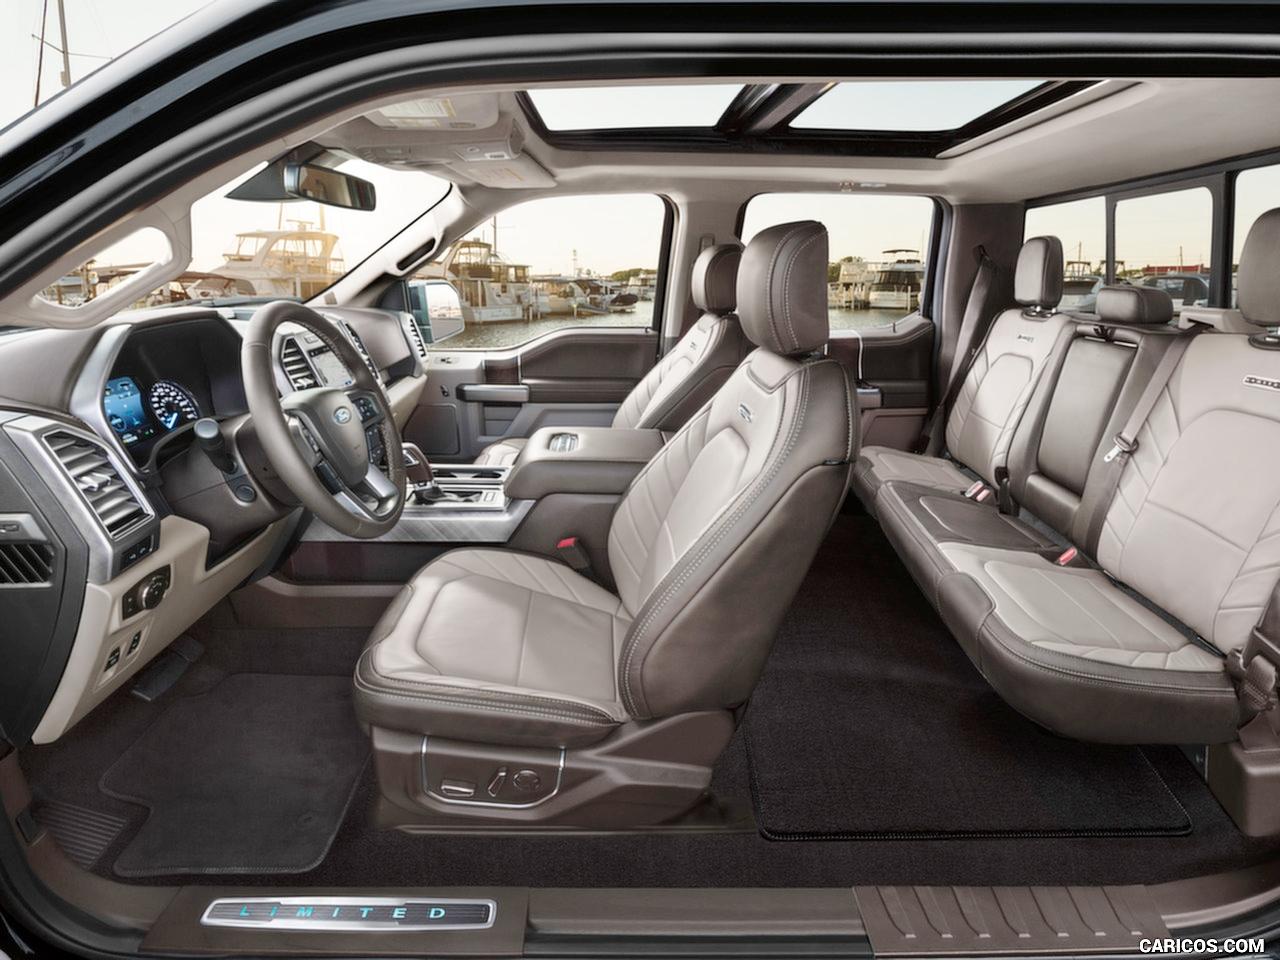 Ford-F-150-2019-ban-gioi-han-manh-toi-450-ma-luc-anh-5